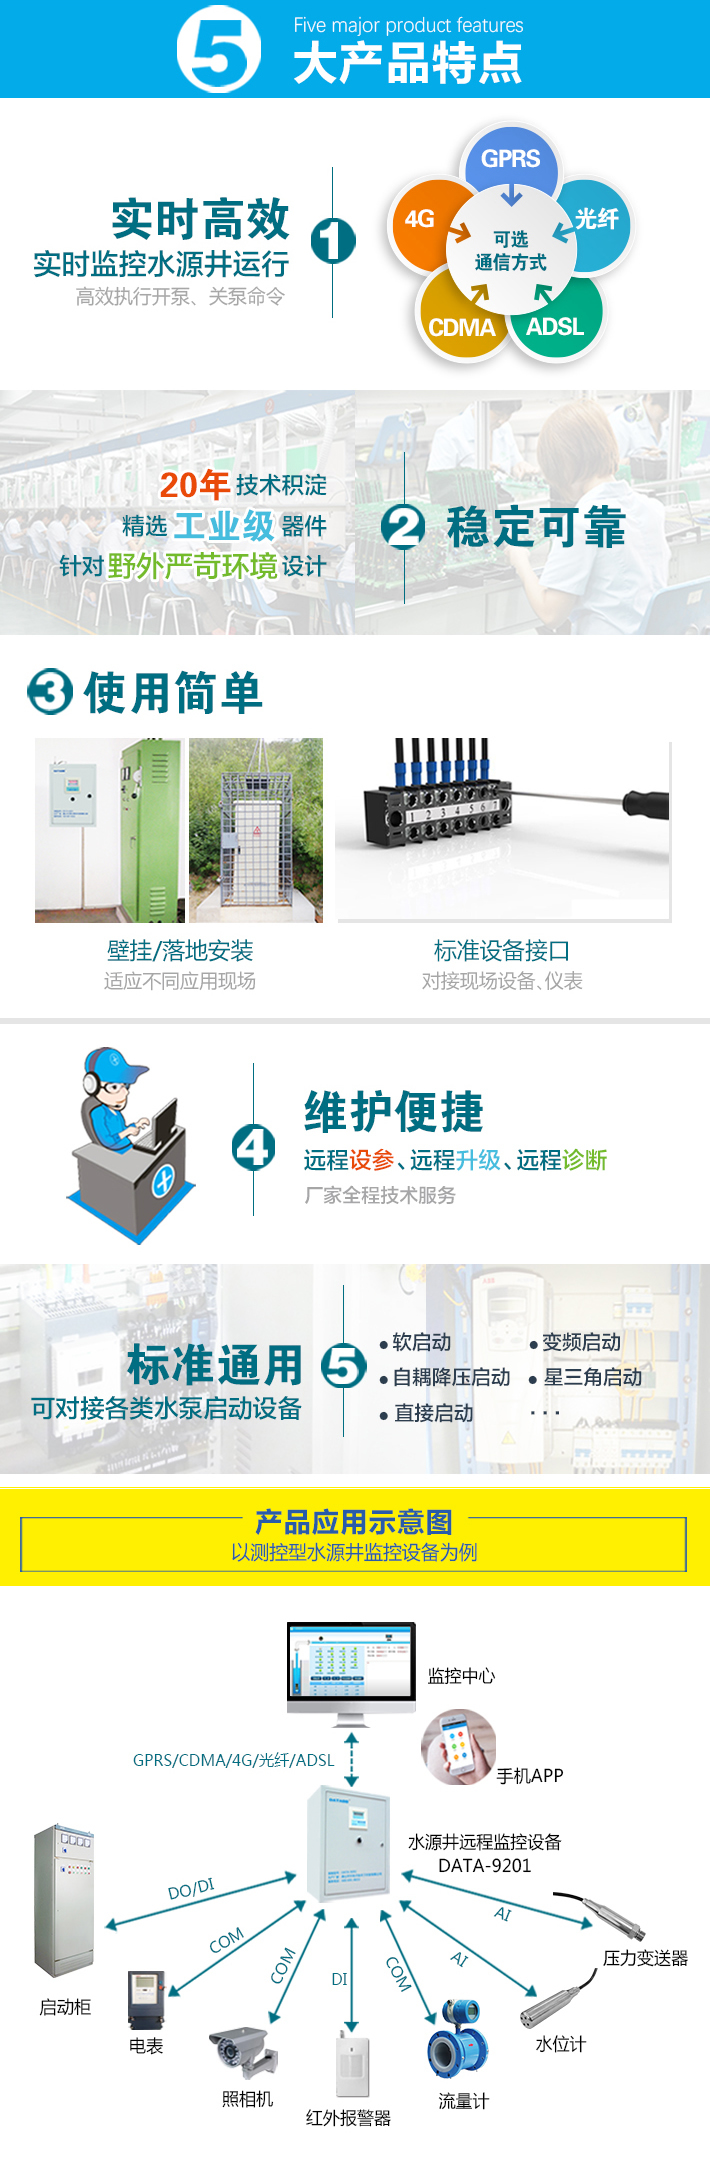 水源井监控设备|水源井监控终端|水源井自动化监控设备|水源地远程监测设备